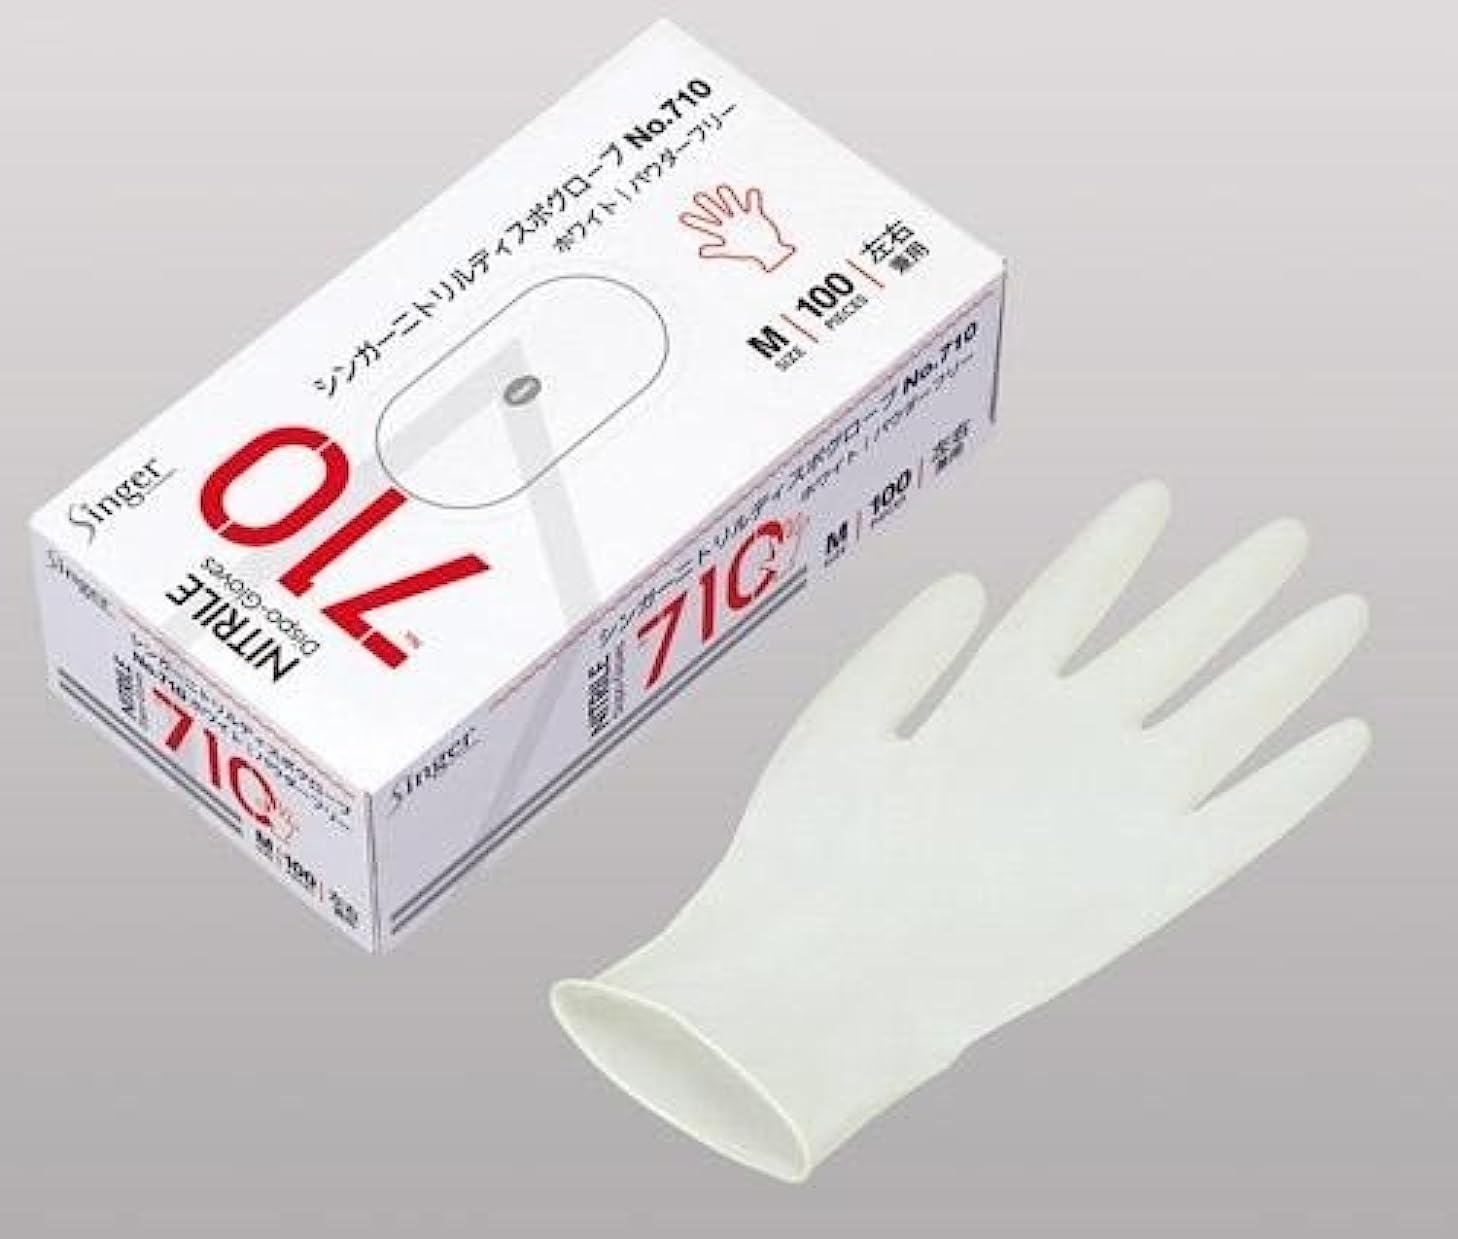 失敗創始者レジシンガー ニトリルディスポグローブ(手袋) No.710 ホワイト パウダーフリー(100枚) SS